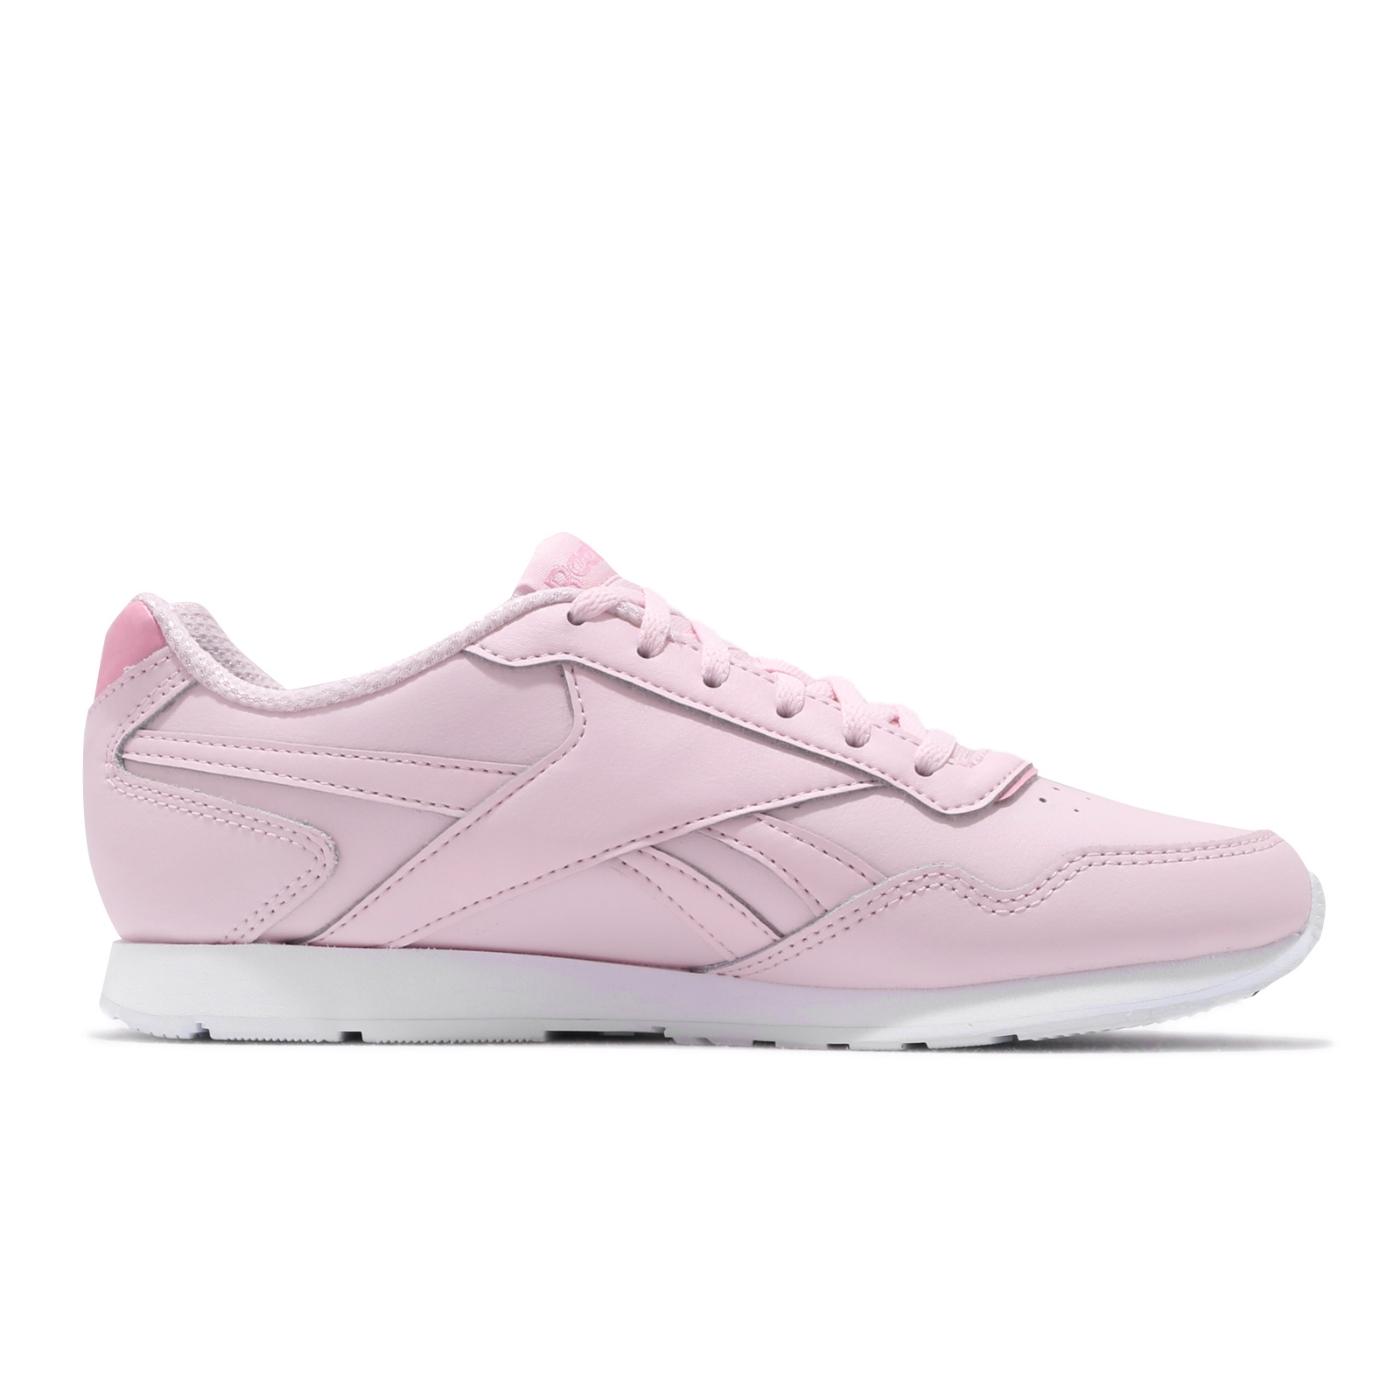 Reebok 休閒鞋 Royal Glide 運動 女鞋